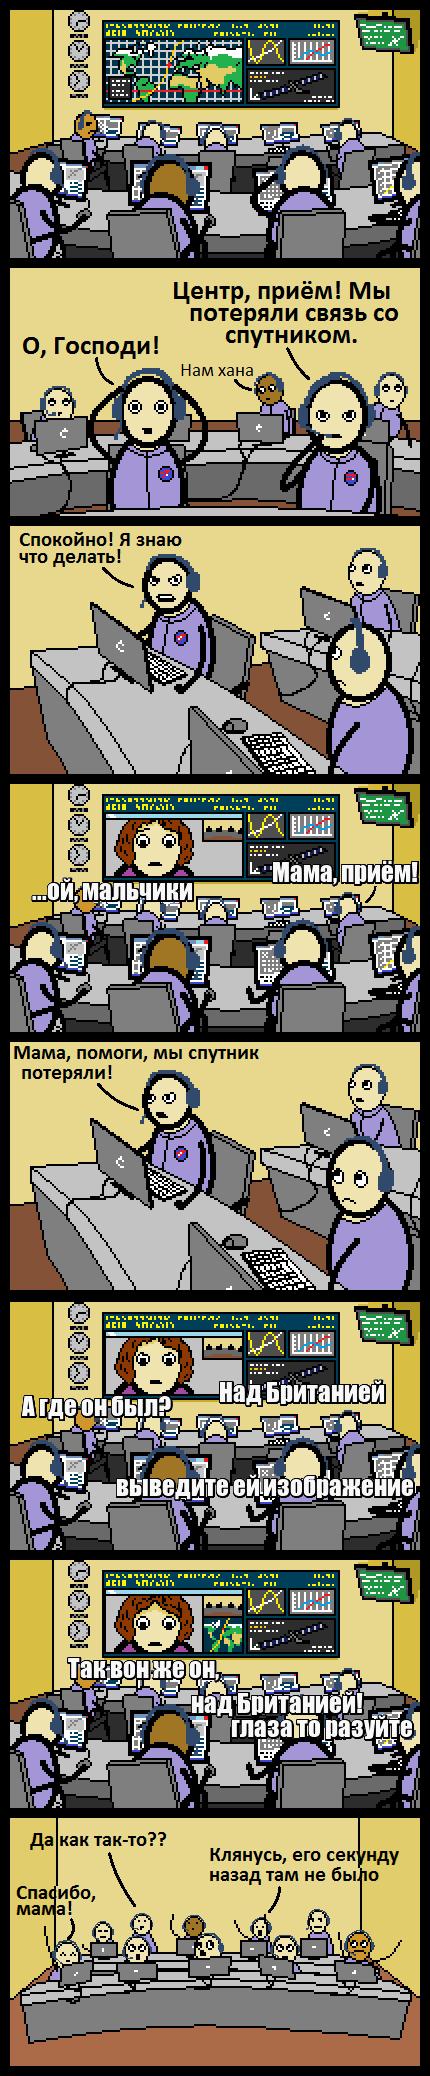 Спутниковое Cynicmansion, Мама, Длиннопост